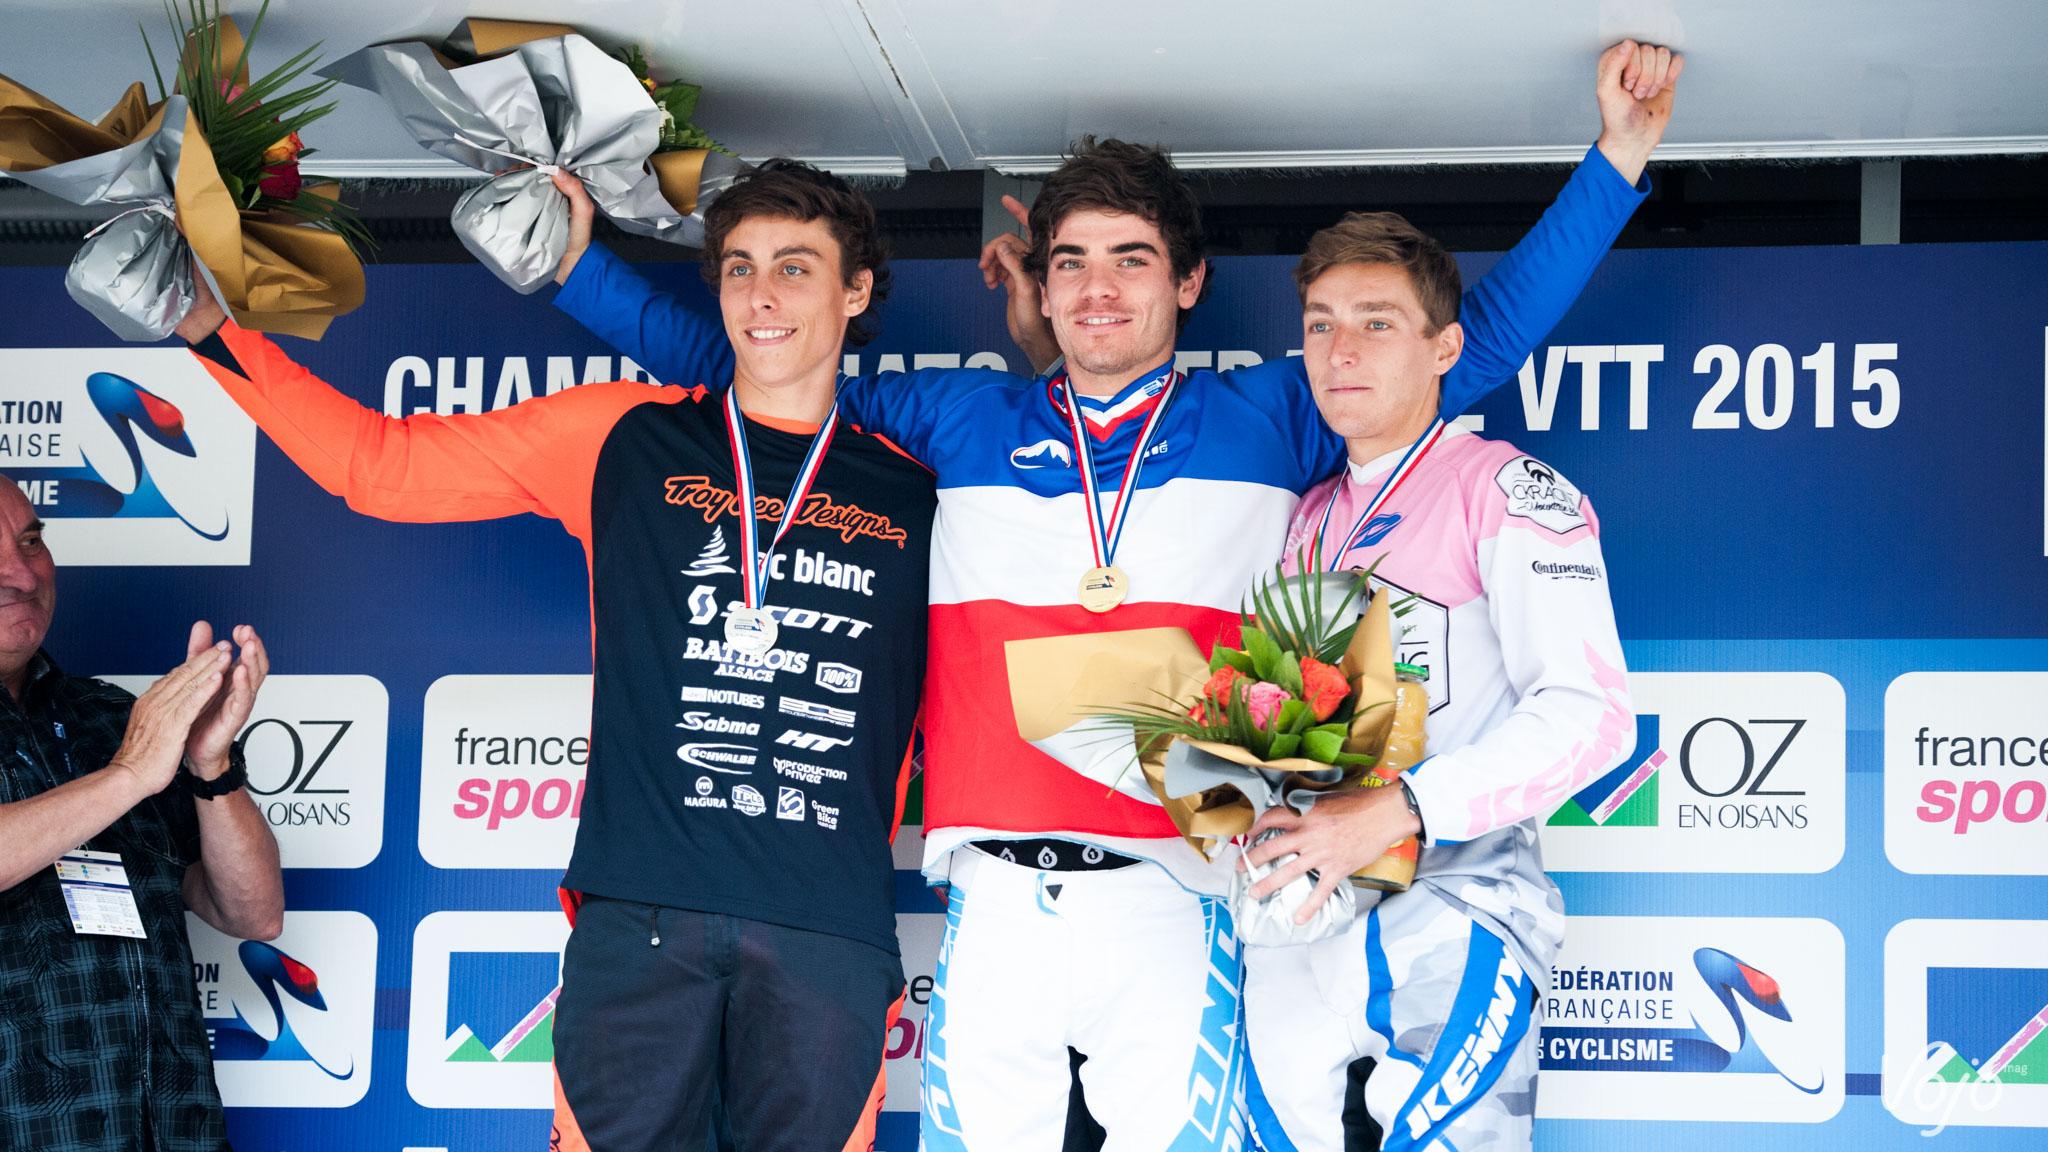 Championnats-de-france-2015-Oz-DH-finale-100